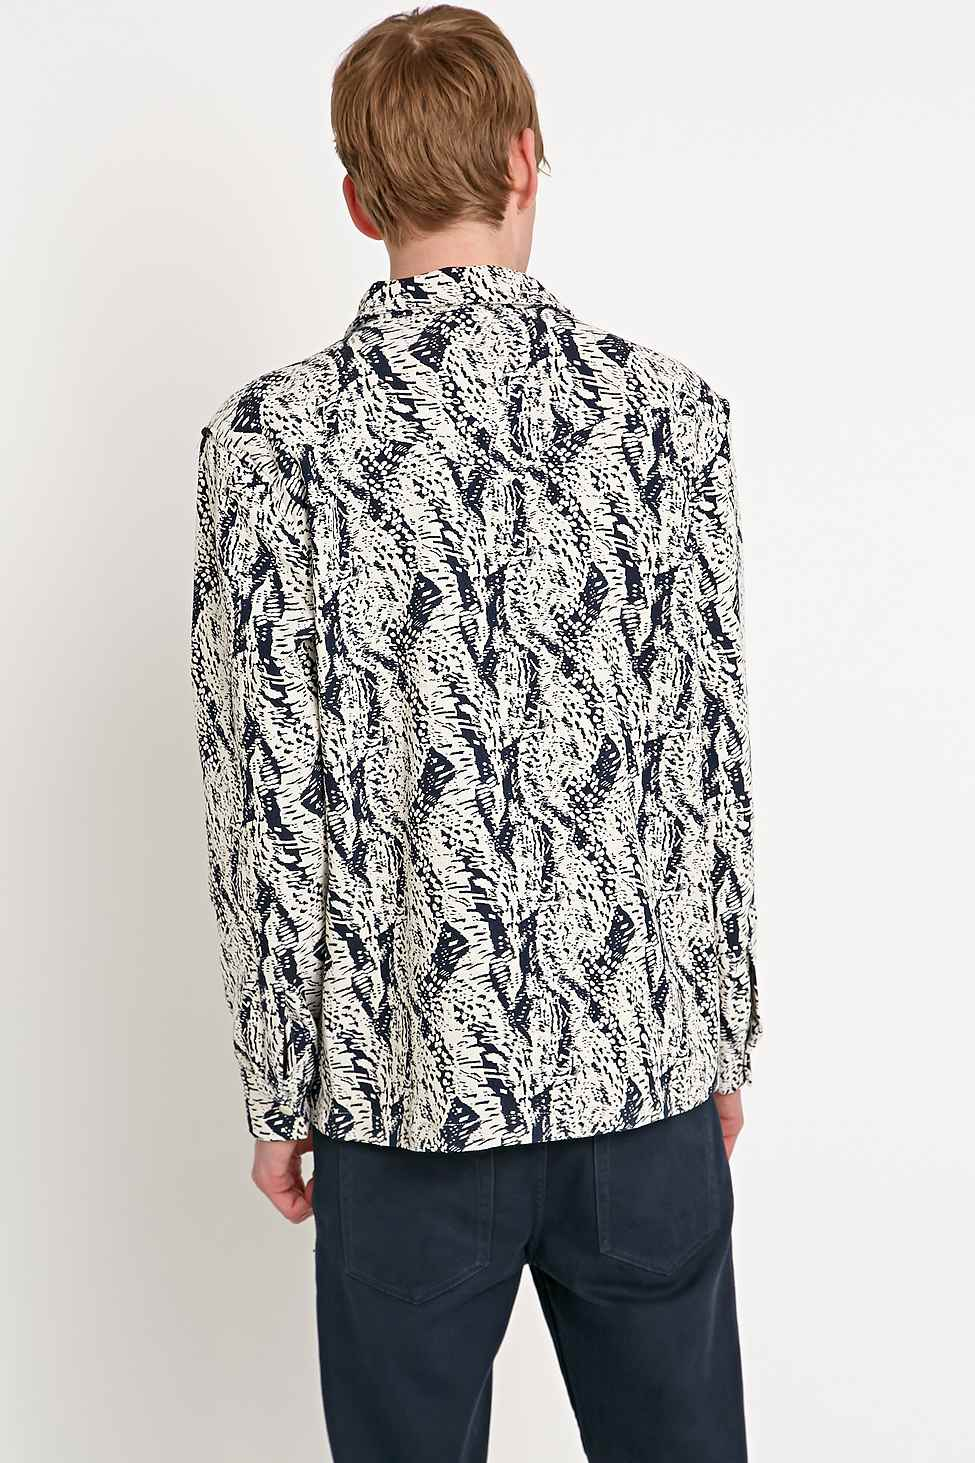 Soulland 'Kyle' Jacquard Jacket in White (Blue) for Men